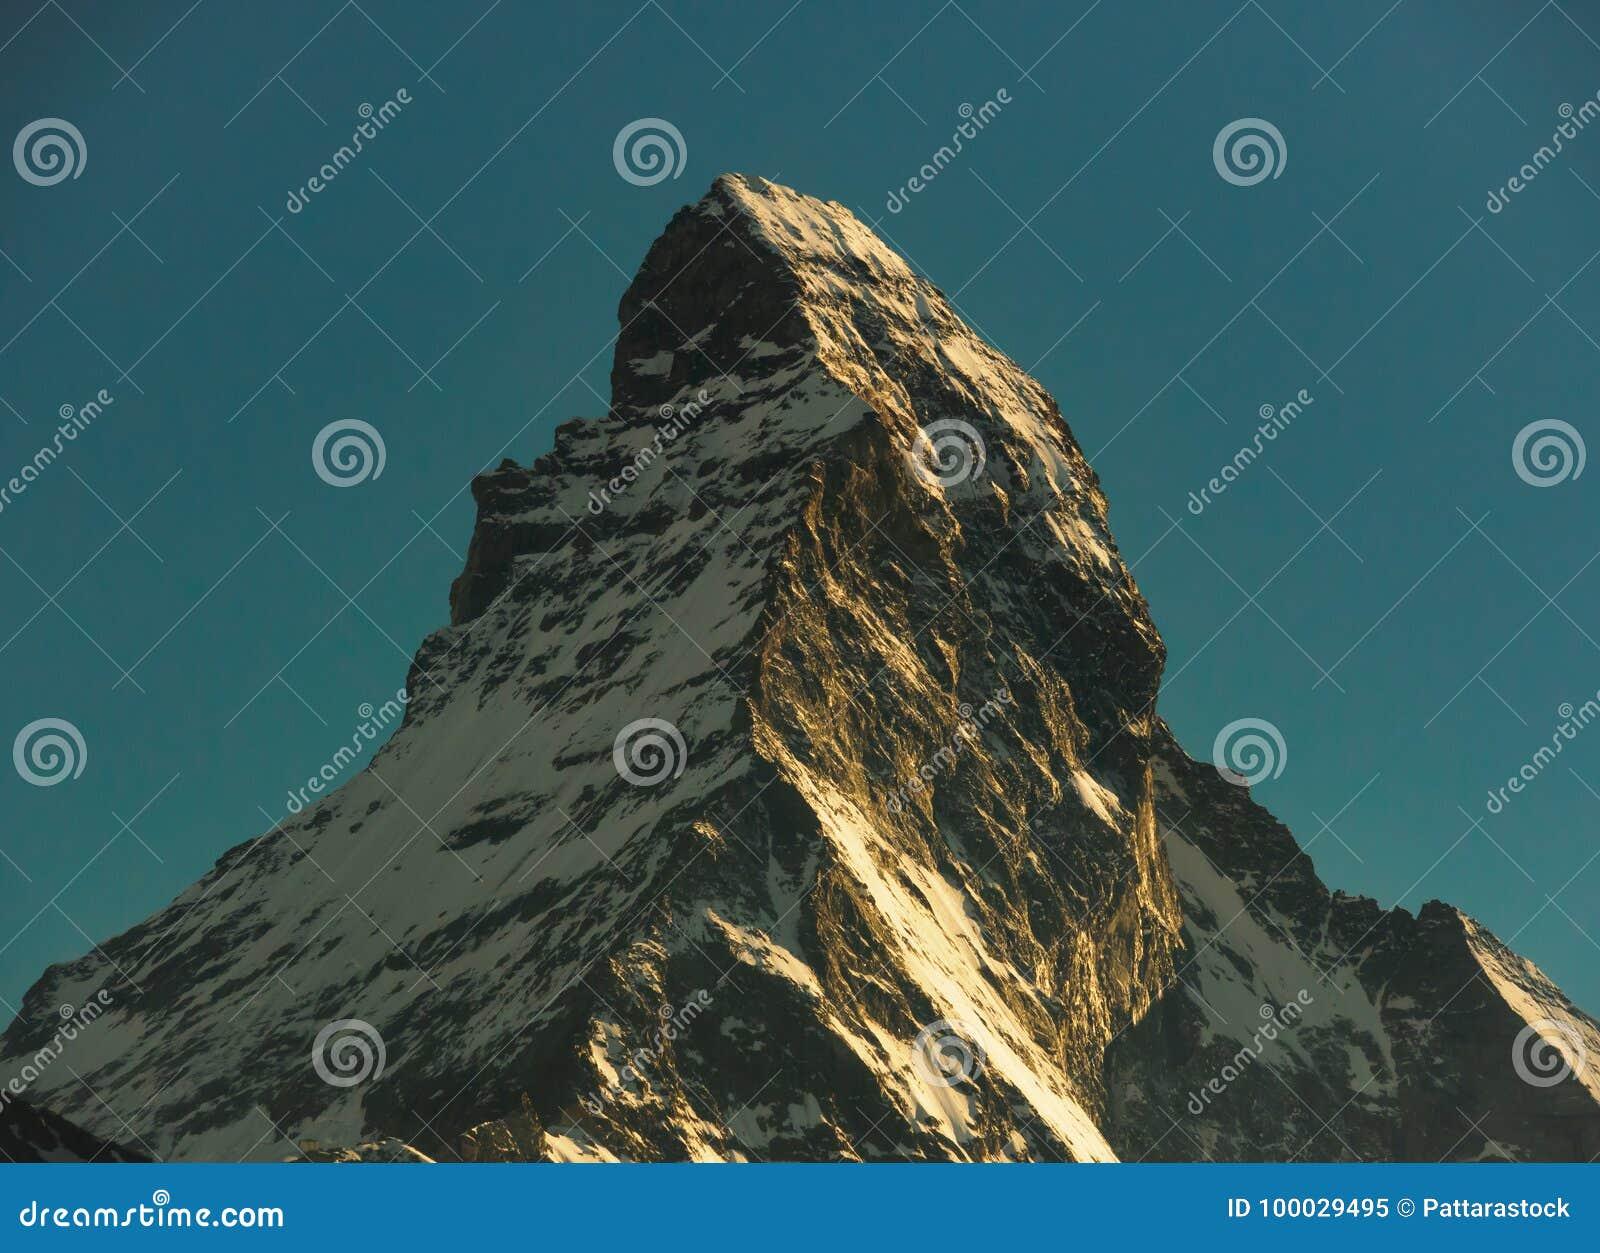 Matterhorn peak during sunset, view from gornergrat train station, Zermatt, Switzerland.